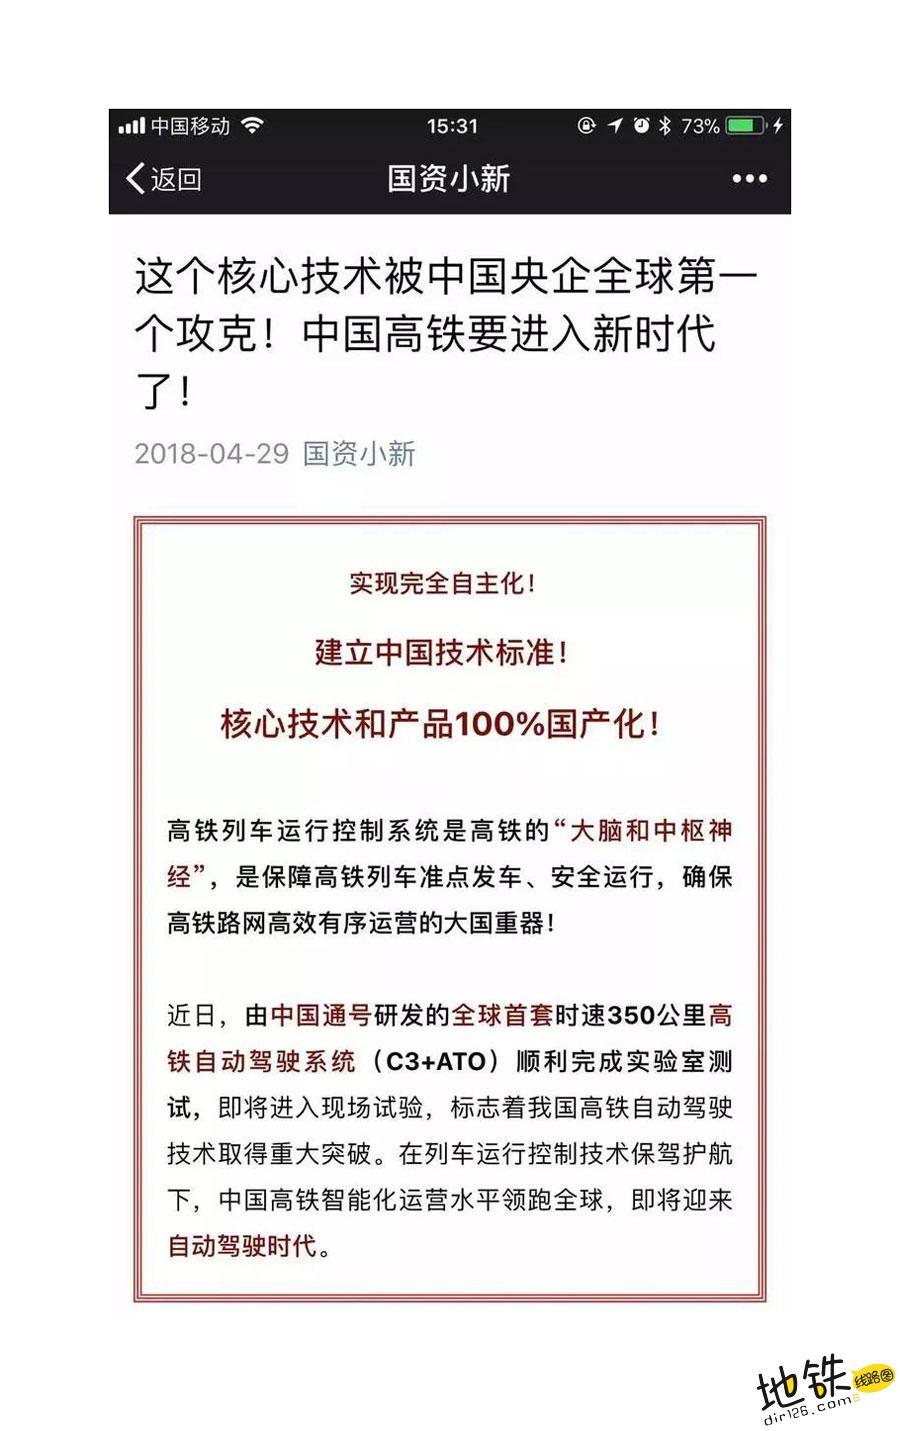 厉害了,我的国!中国高铁将迎来自动驾驶时代 城际列车 地铁 线路图 轨道交通 自动驾驶 中国高铁 轨道动态  第2张